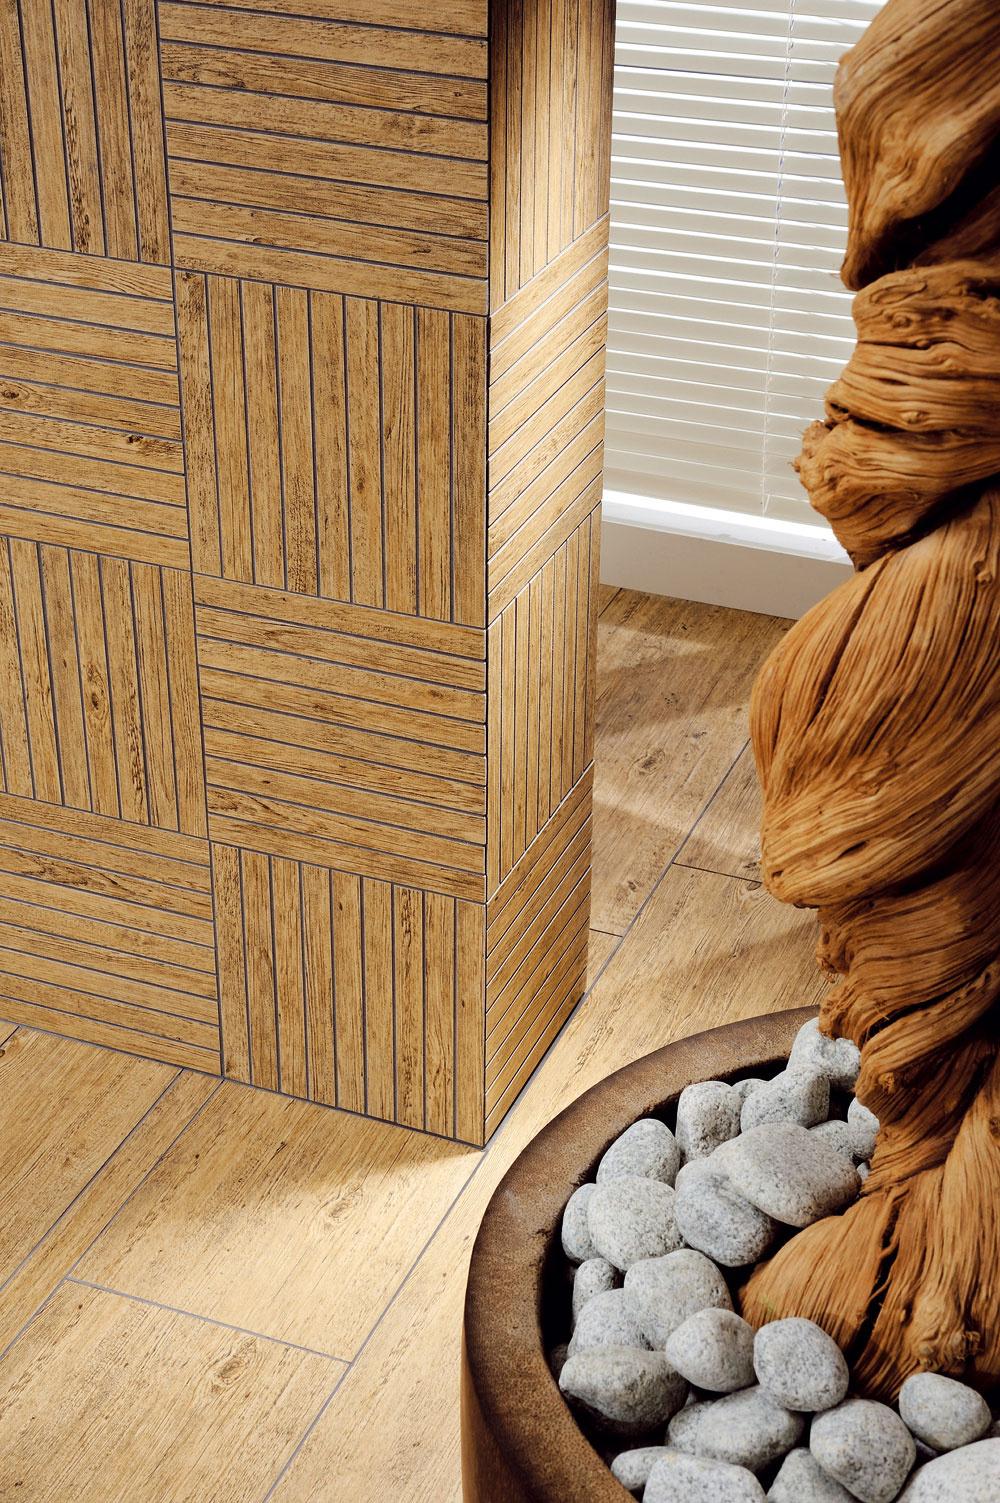 Na stenách narysované drevené puzzle ju premenilo na útulnú wellness oázu pre telo aj dušu. Zaklopte si na drevo, v súčasnosti sú jeho možnosti neobmedzené a kreativite sa medze nekladú. (foto: RAKO)